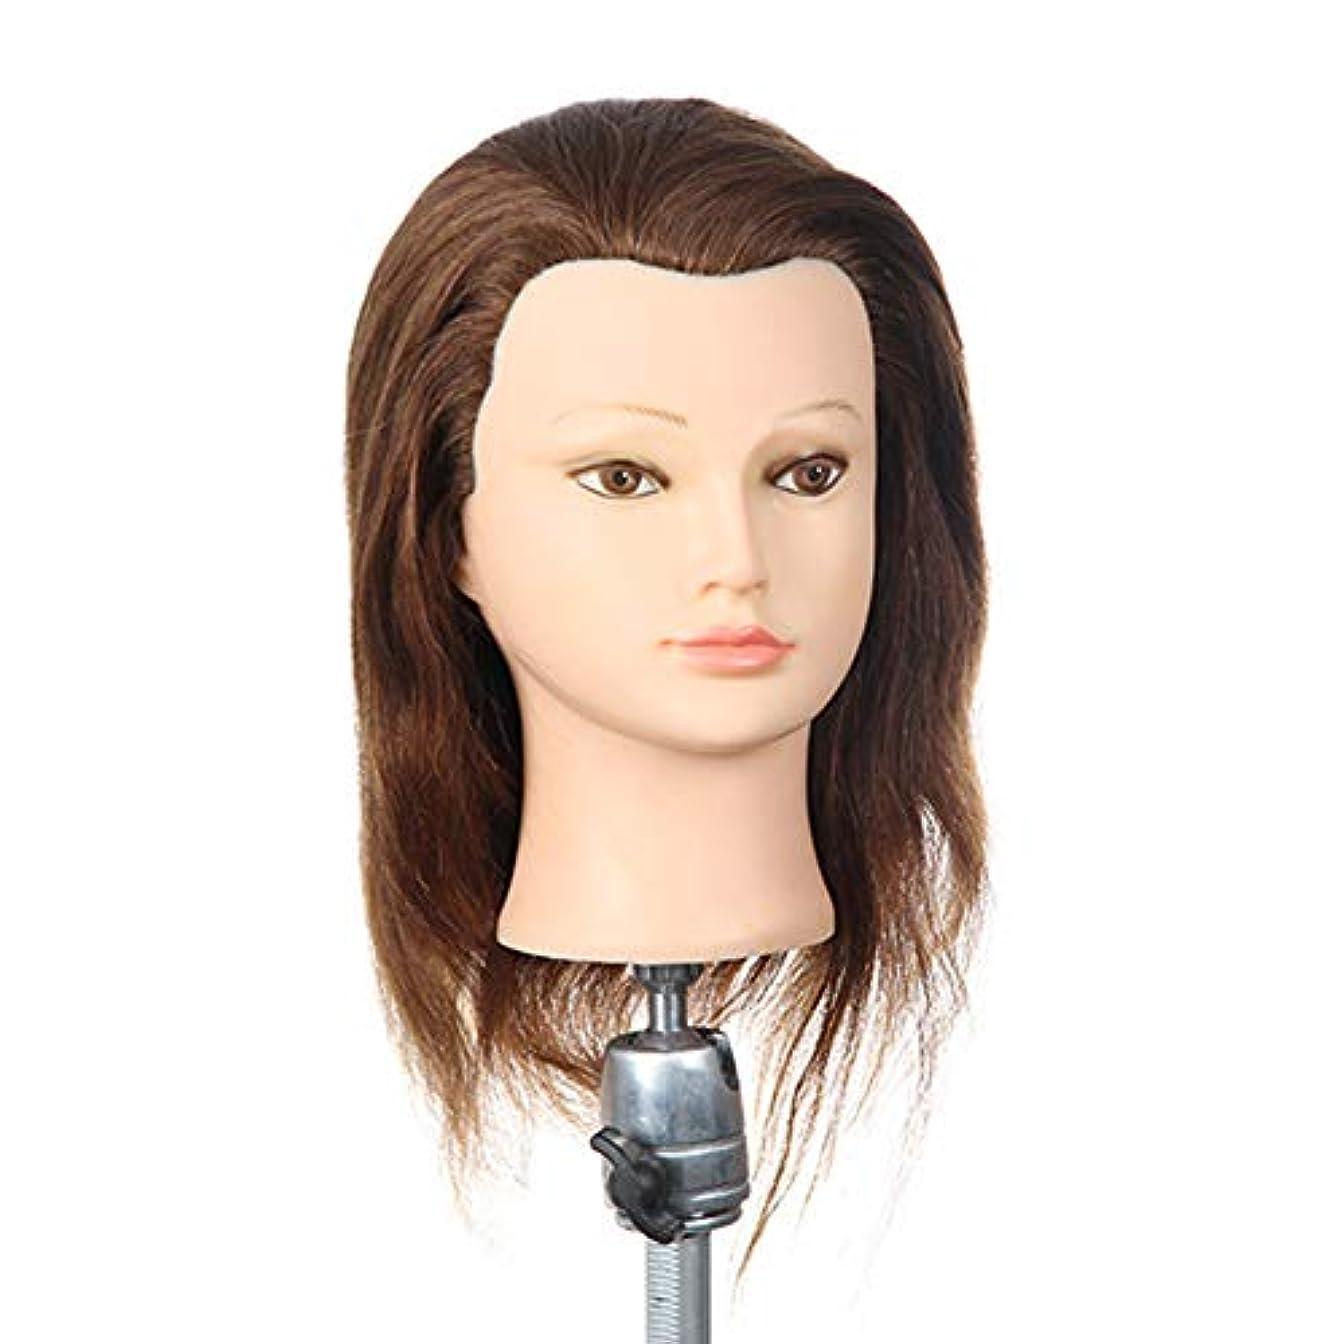 中説明メルボルンパーマ髪染めティーチングヘッドメイクヘアスタイリングモデルヘッド理髪練習ヘッドブローホットロールマネキンヘッド